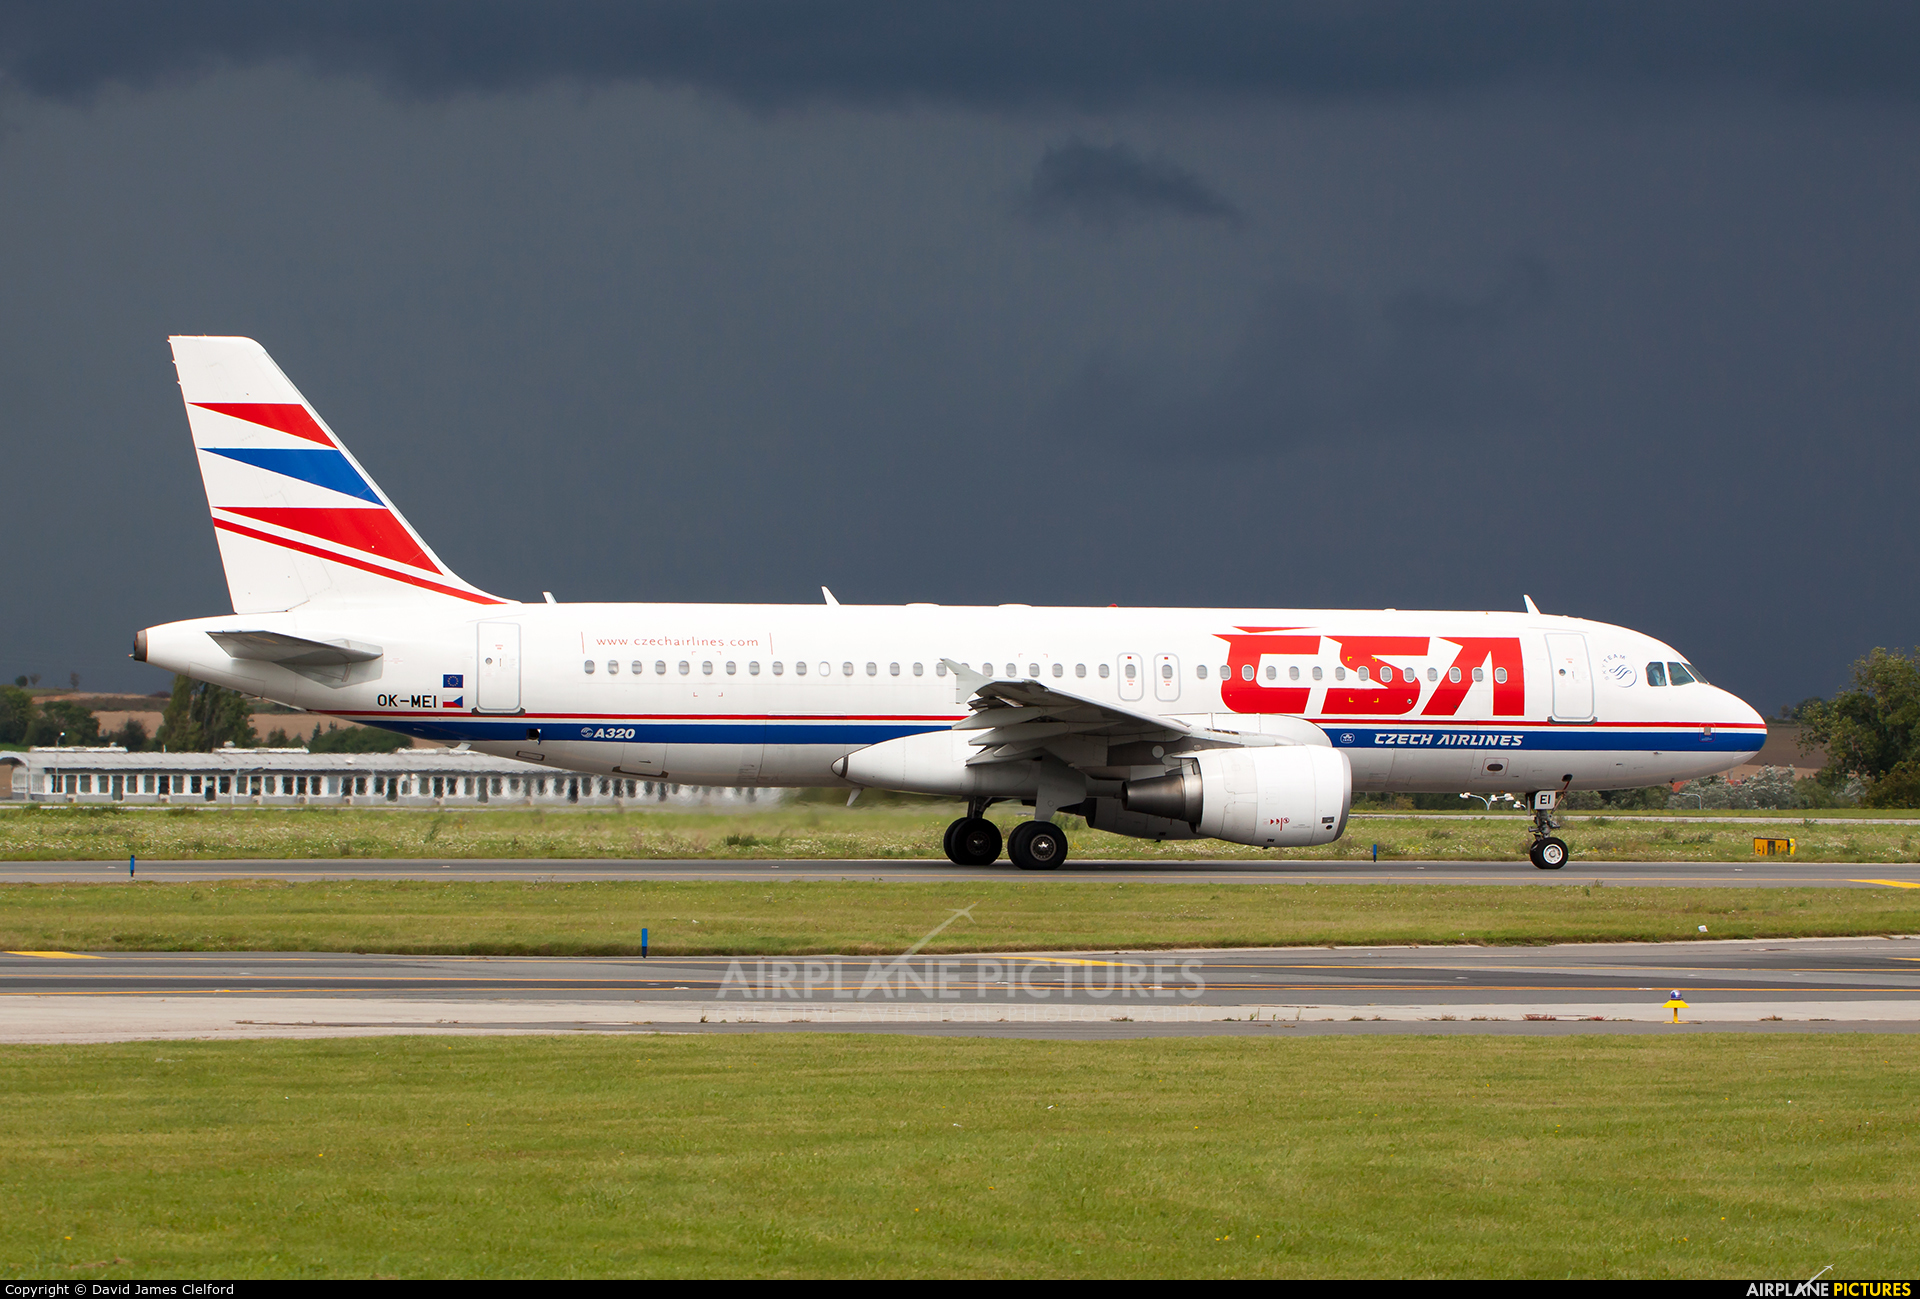 CSA - Czech Airlines OK-MEI aircraft at Prague - Václav Havel